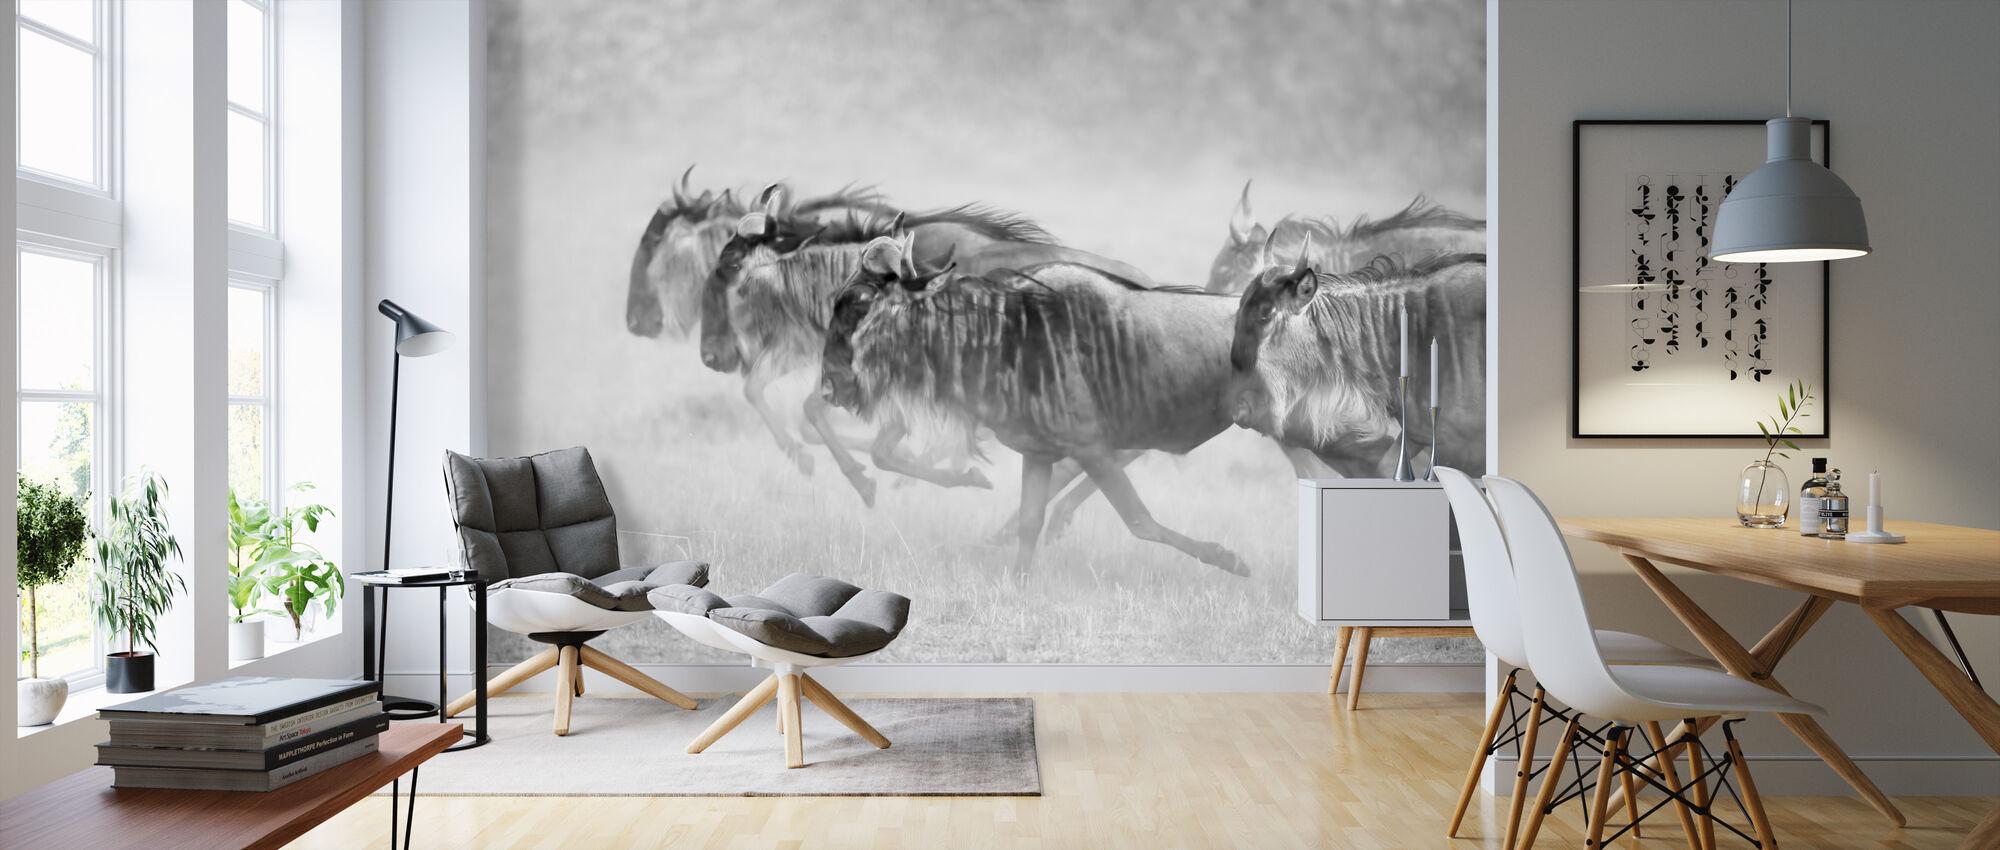 Unstopable - Wallpaper - Living Room